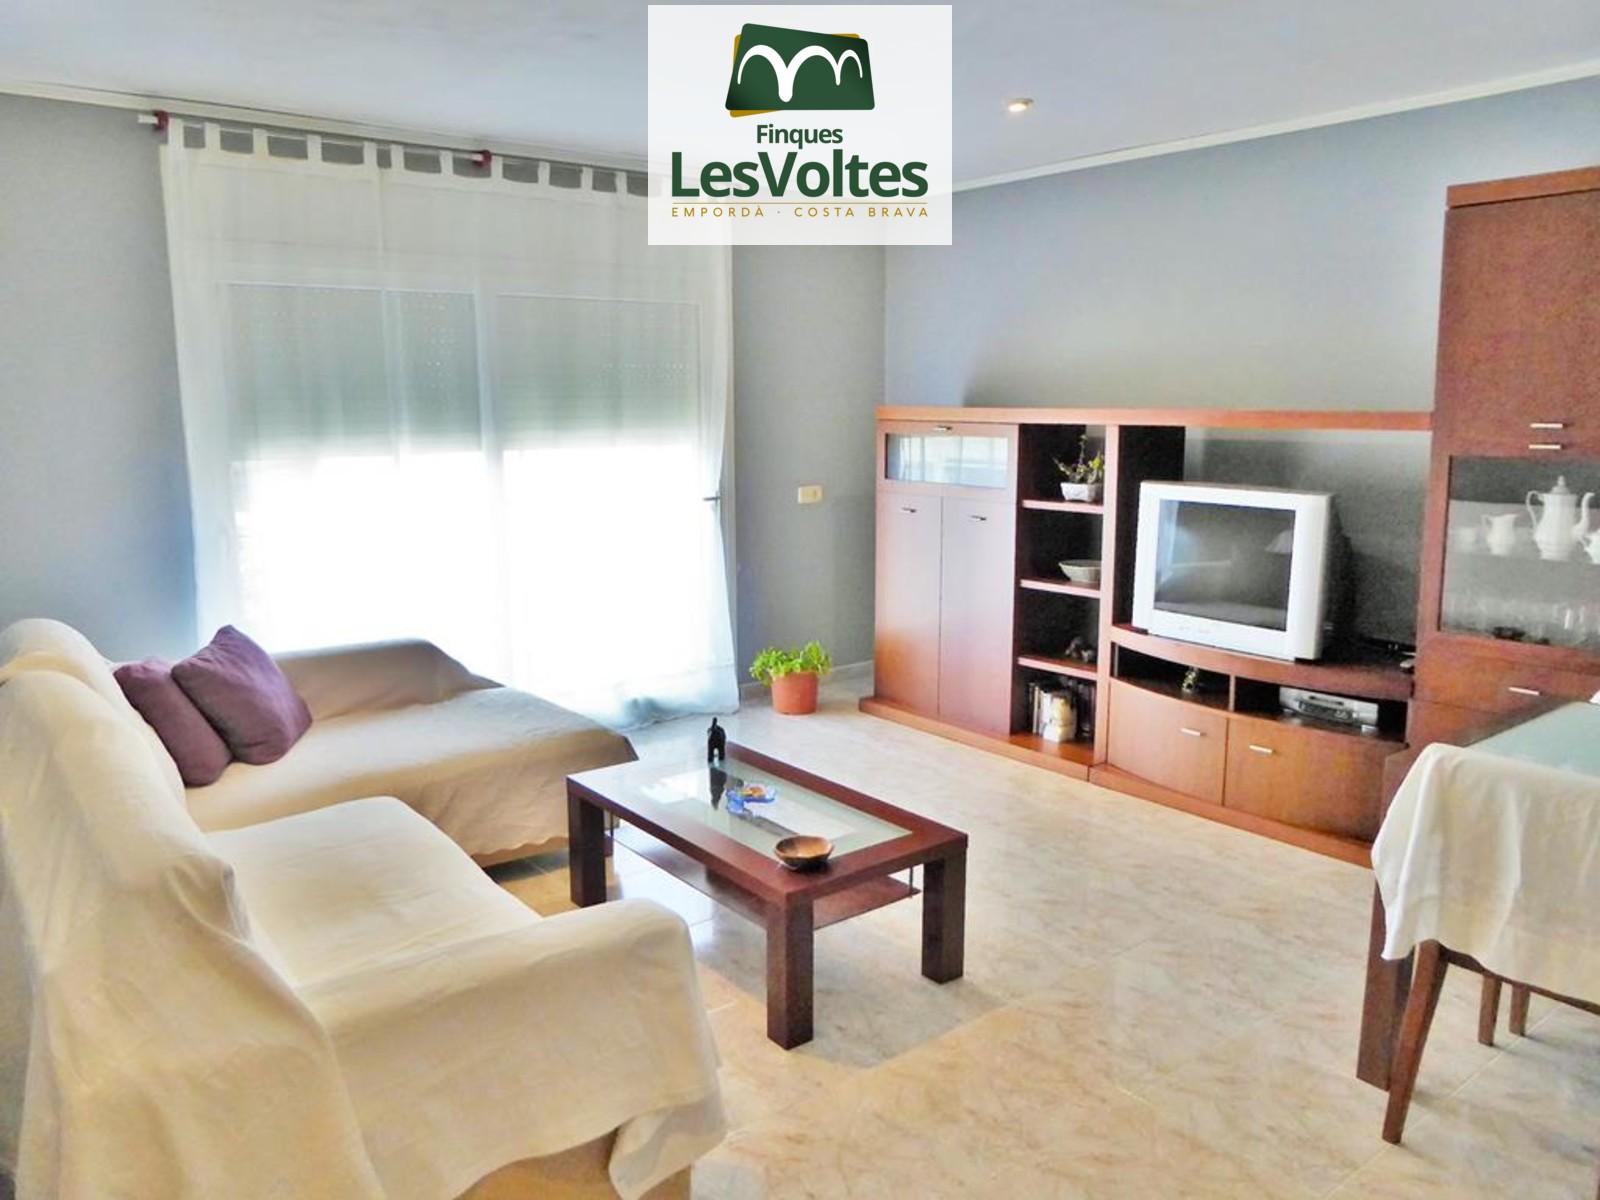 Pis de 3 dormitoris amb terrassa en venda a Palafrugell.